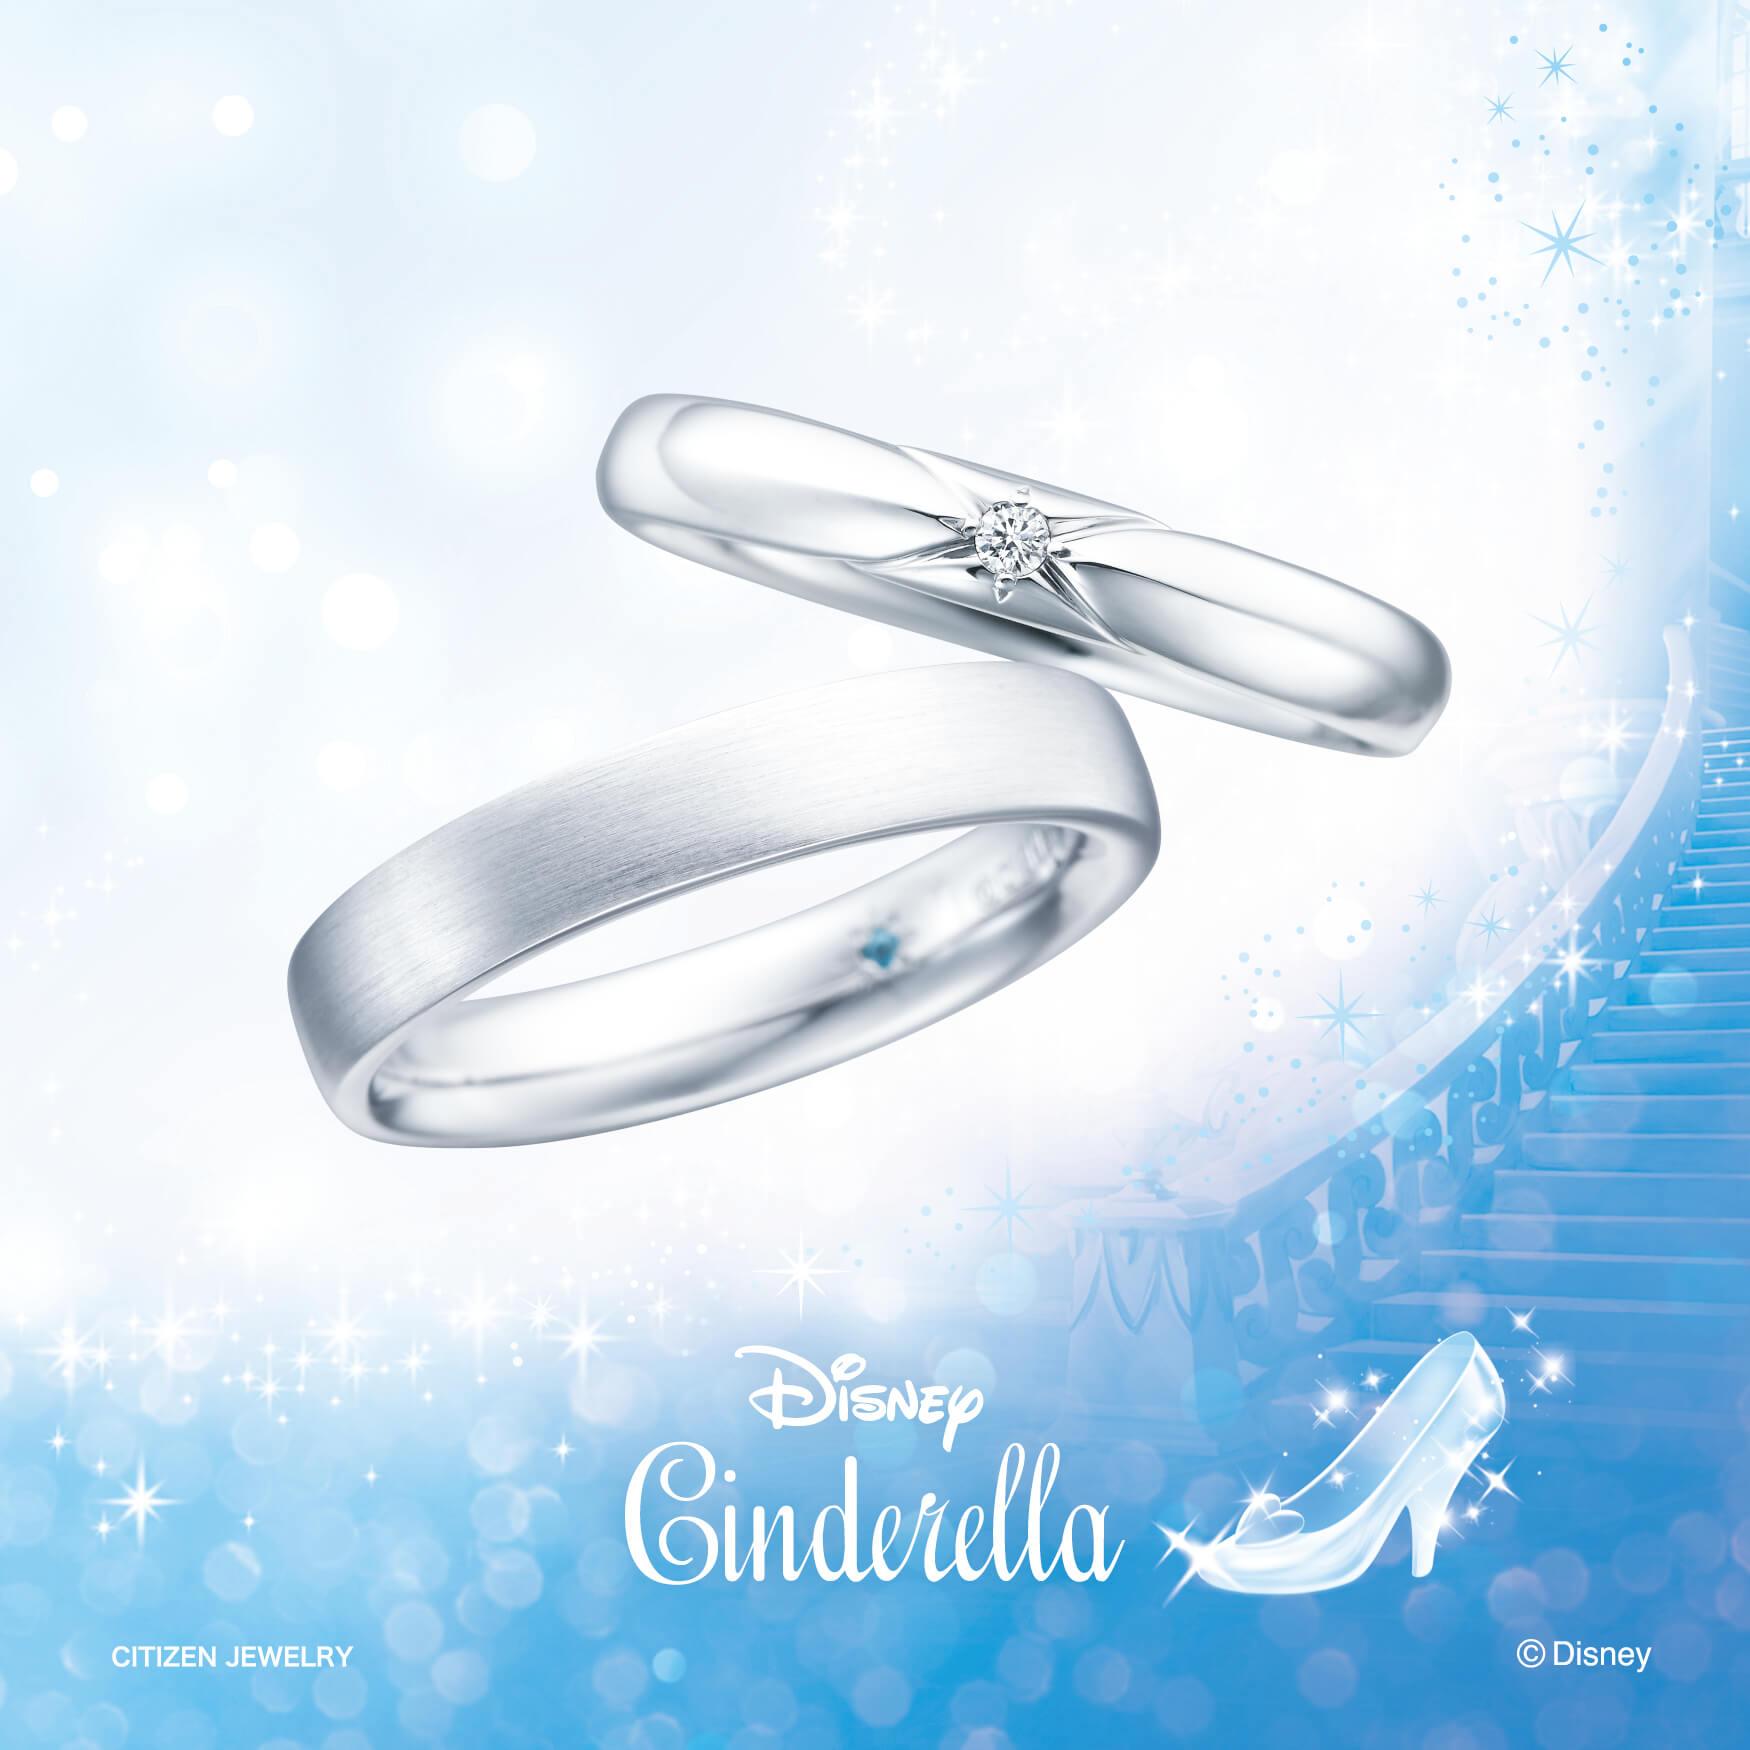 銀座・柏・直方の結婚指輪2018年モデル【新作】Disney Cinderella(ディズニーシンデレラ)_01